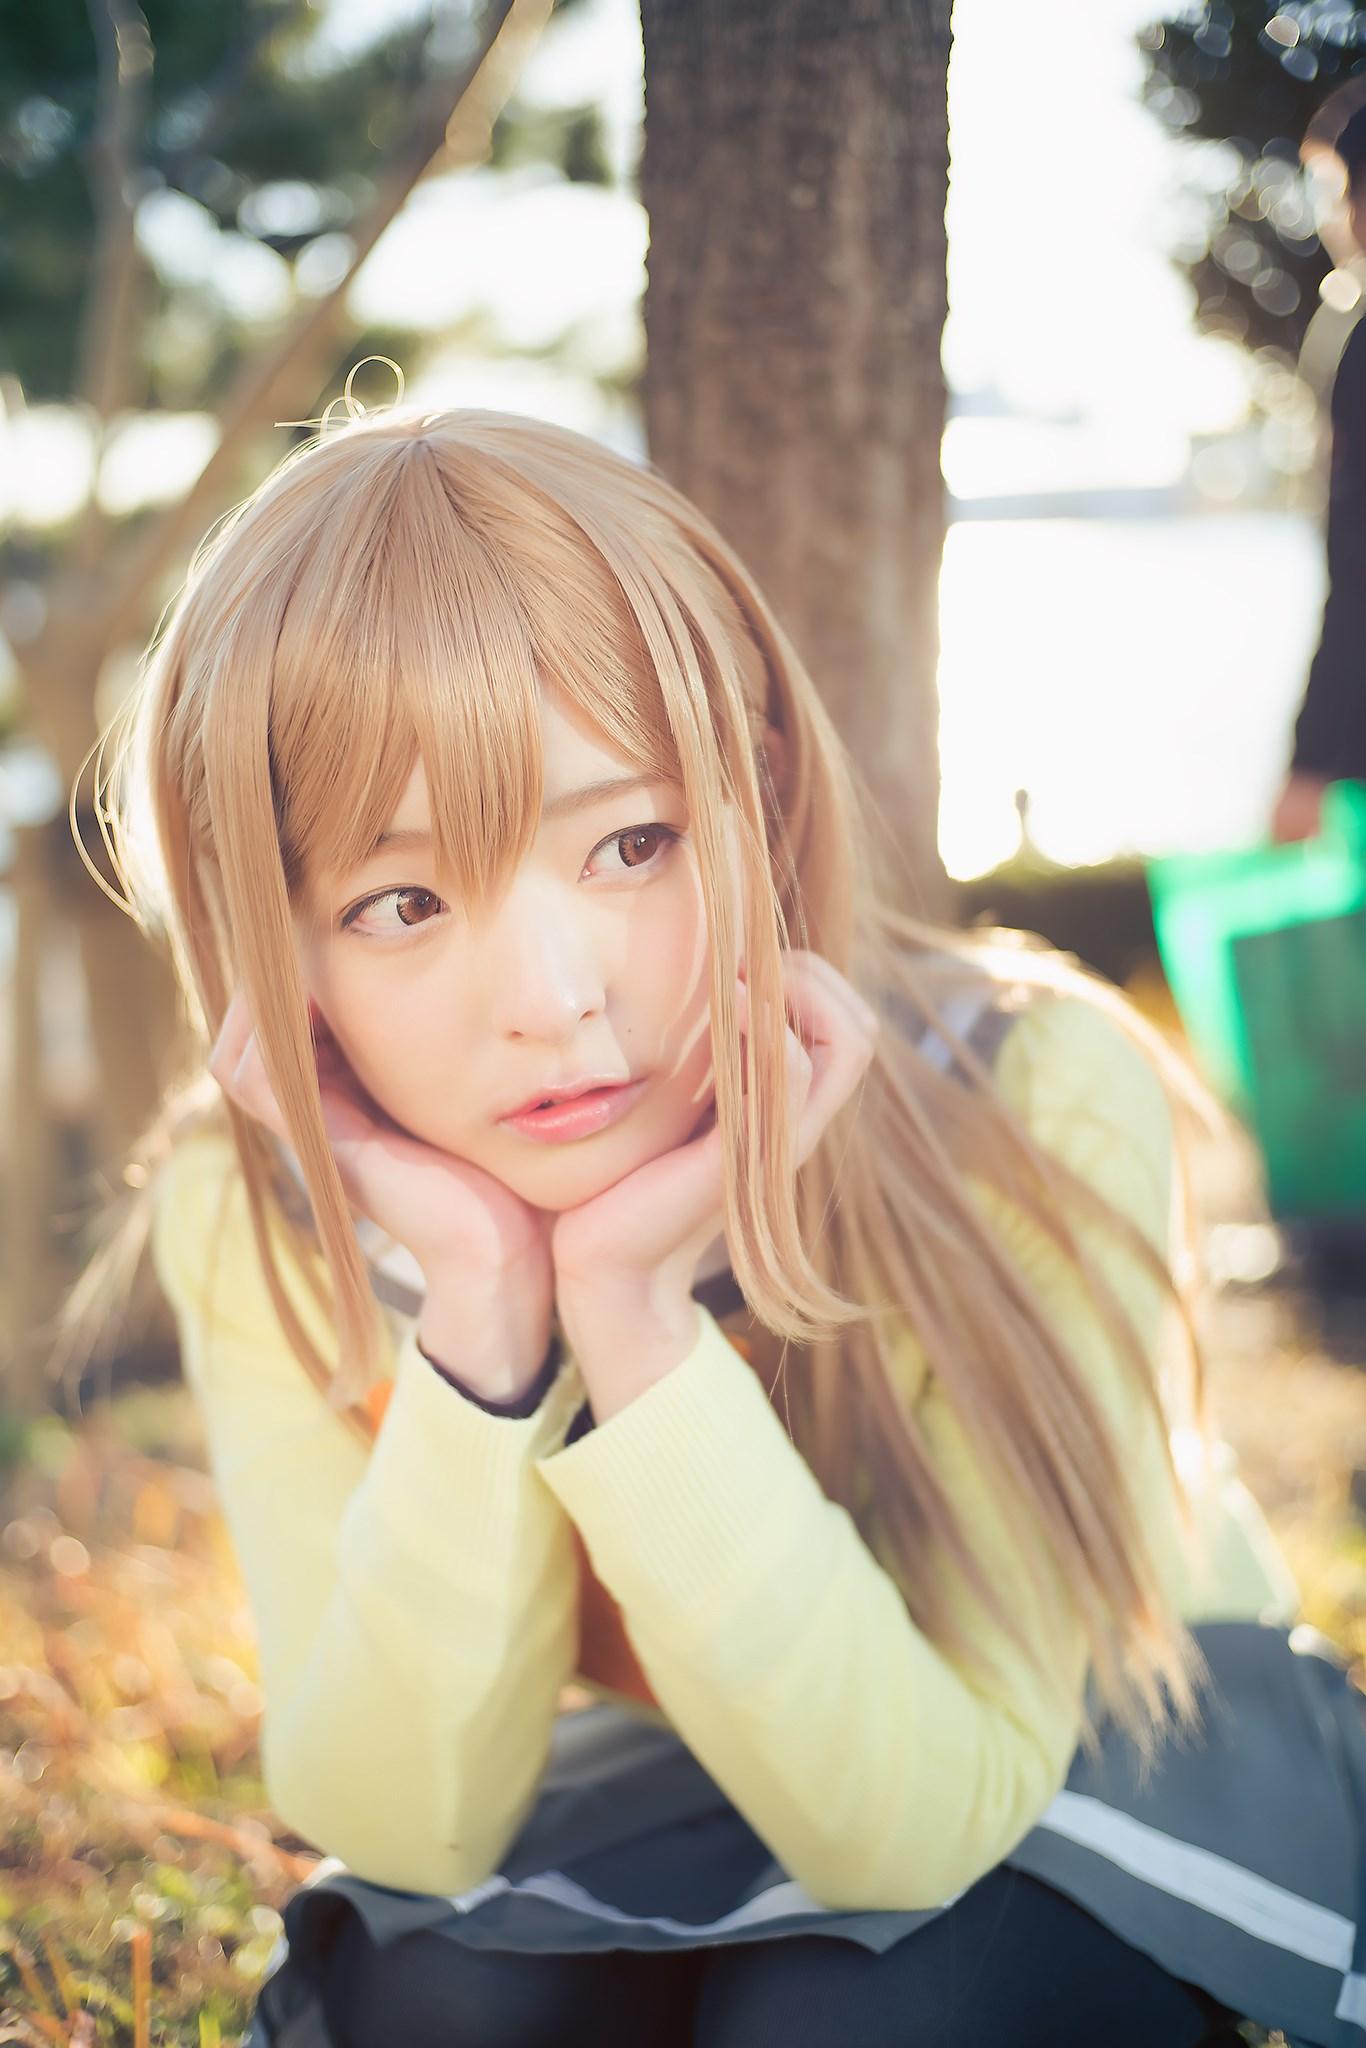 【兔玩映画】阳光与少女 兔玩映画 第48张